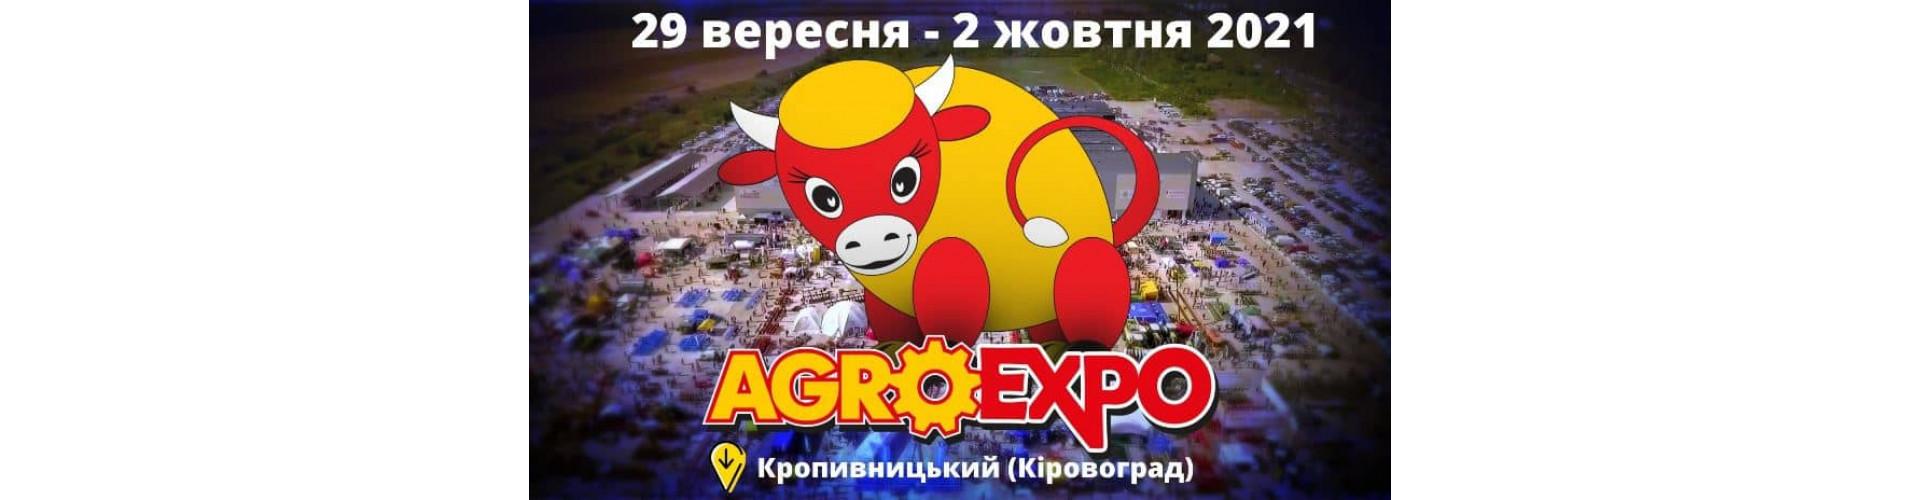 Участие в агропромышленной выставке АГРОЭКСПО 2021 г.Кропивницкий